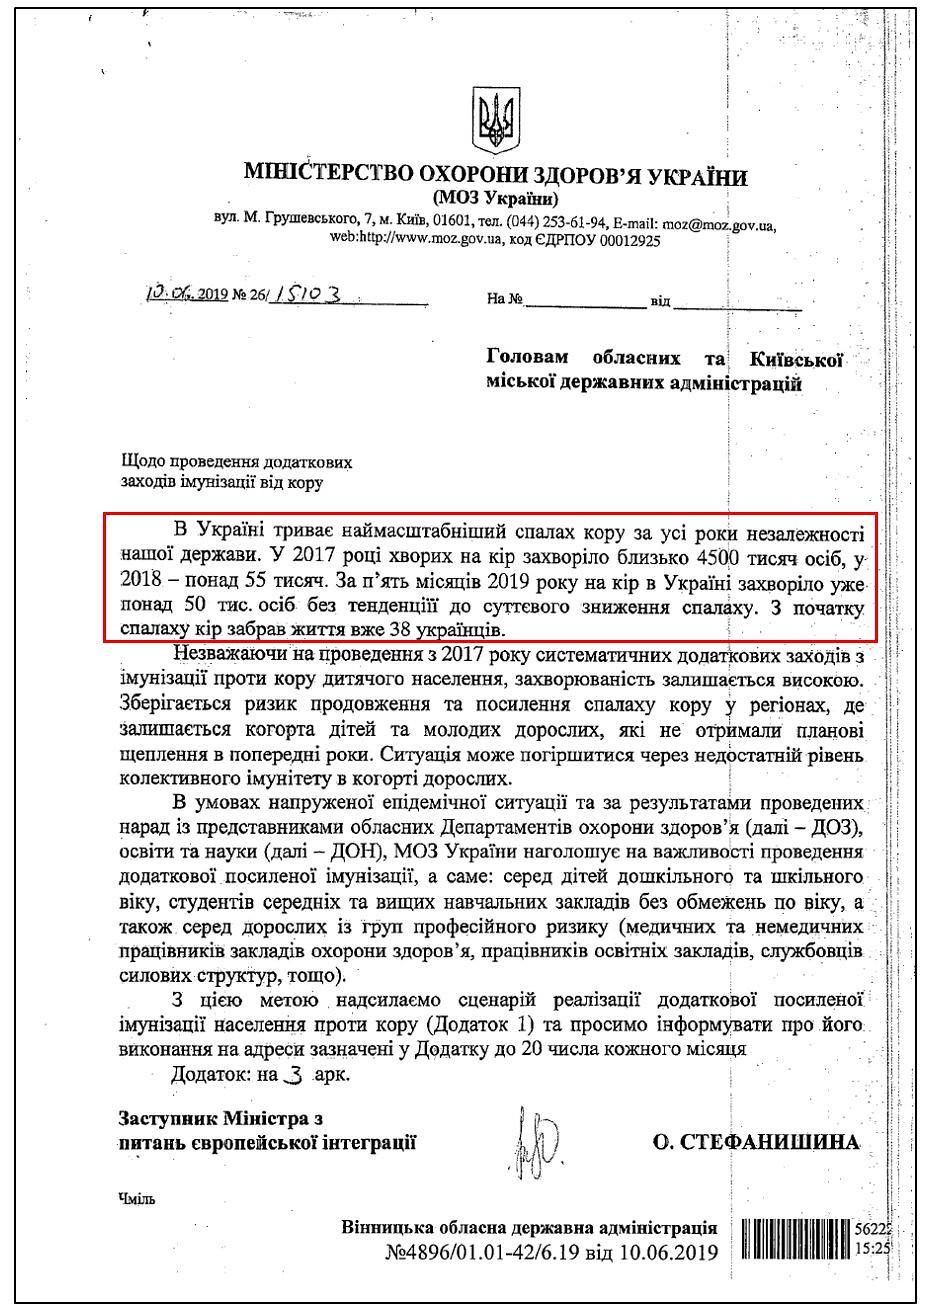 Lettre du ministère de la Santé aux chefs des administrations régionales d'Ukraine